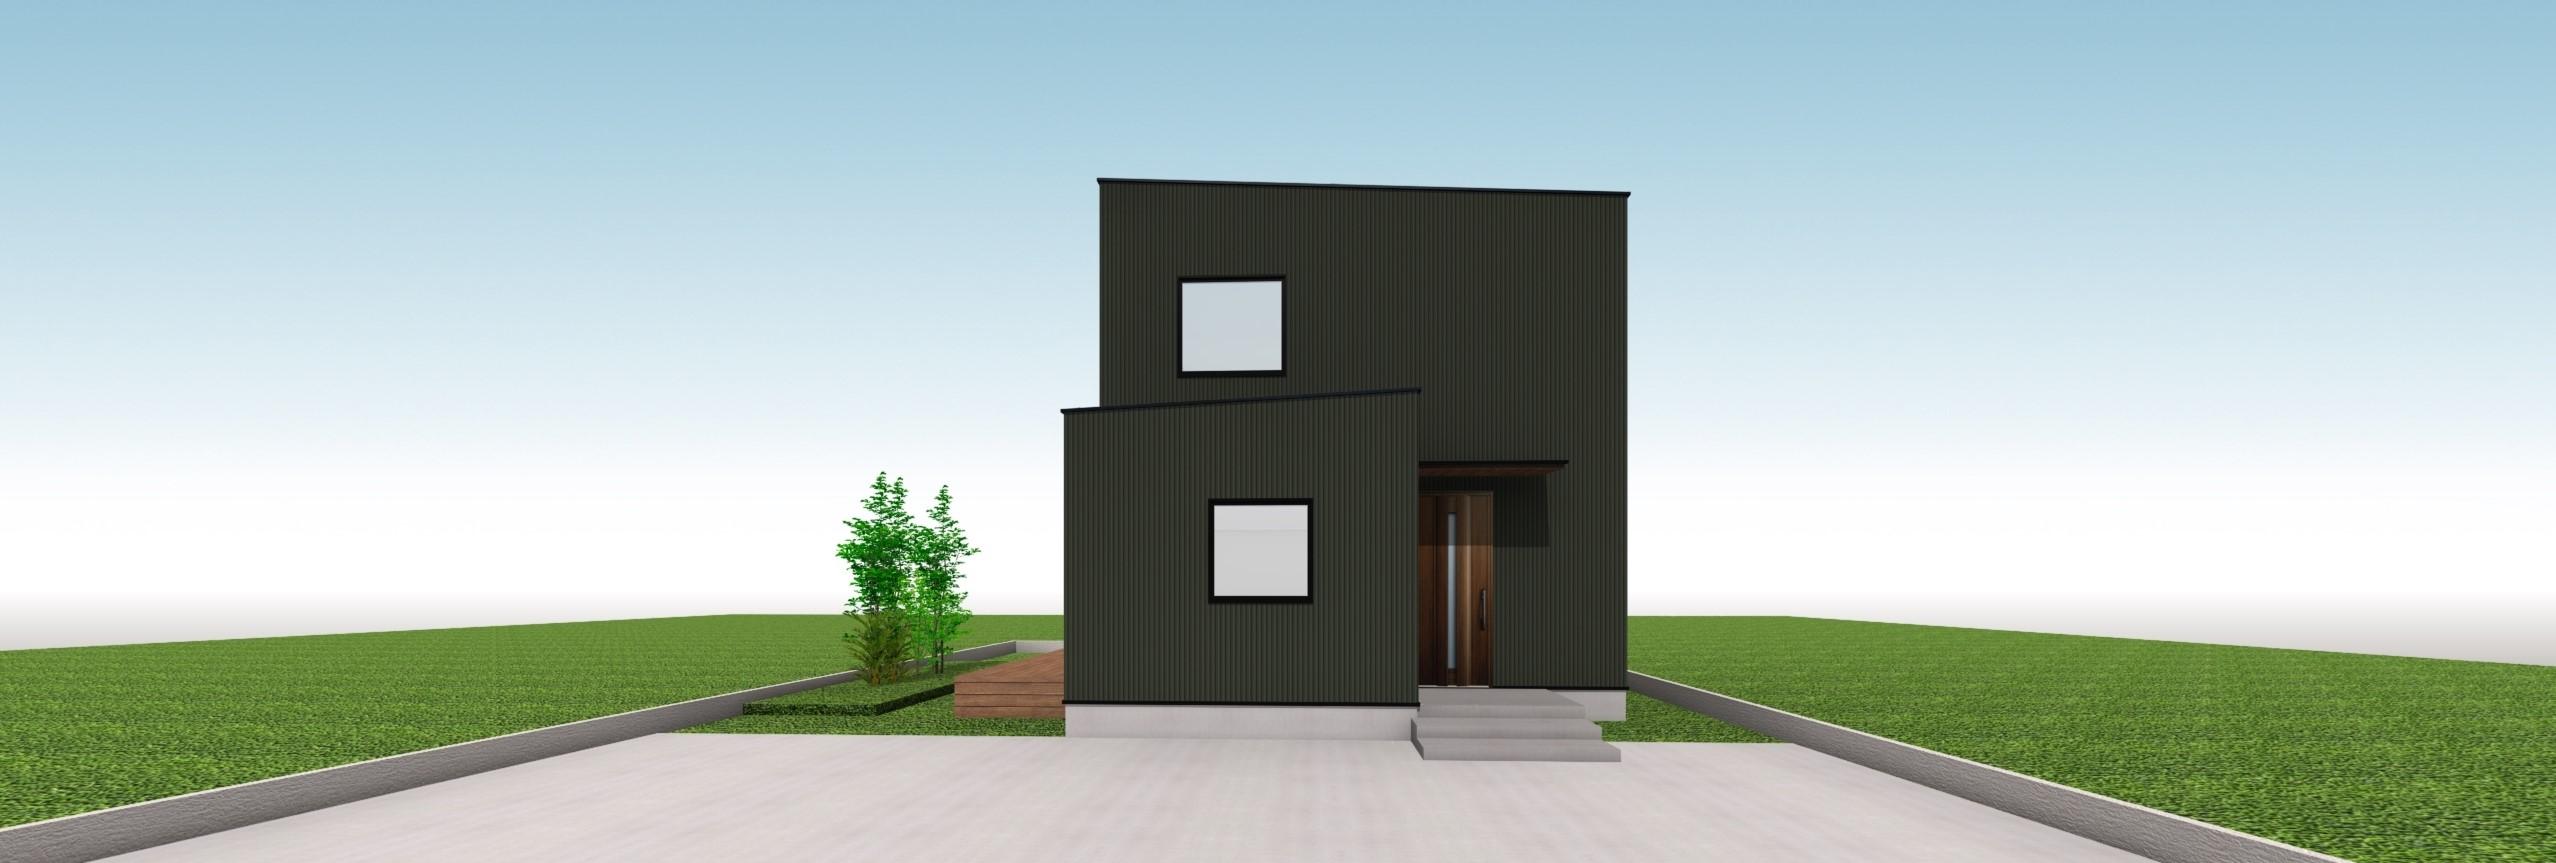 イベント情報 完成見学会開催 5/22.23 石川県金沢市の注文住宅・デザイン性・新築の家・戸建て E-HOUSE